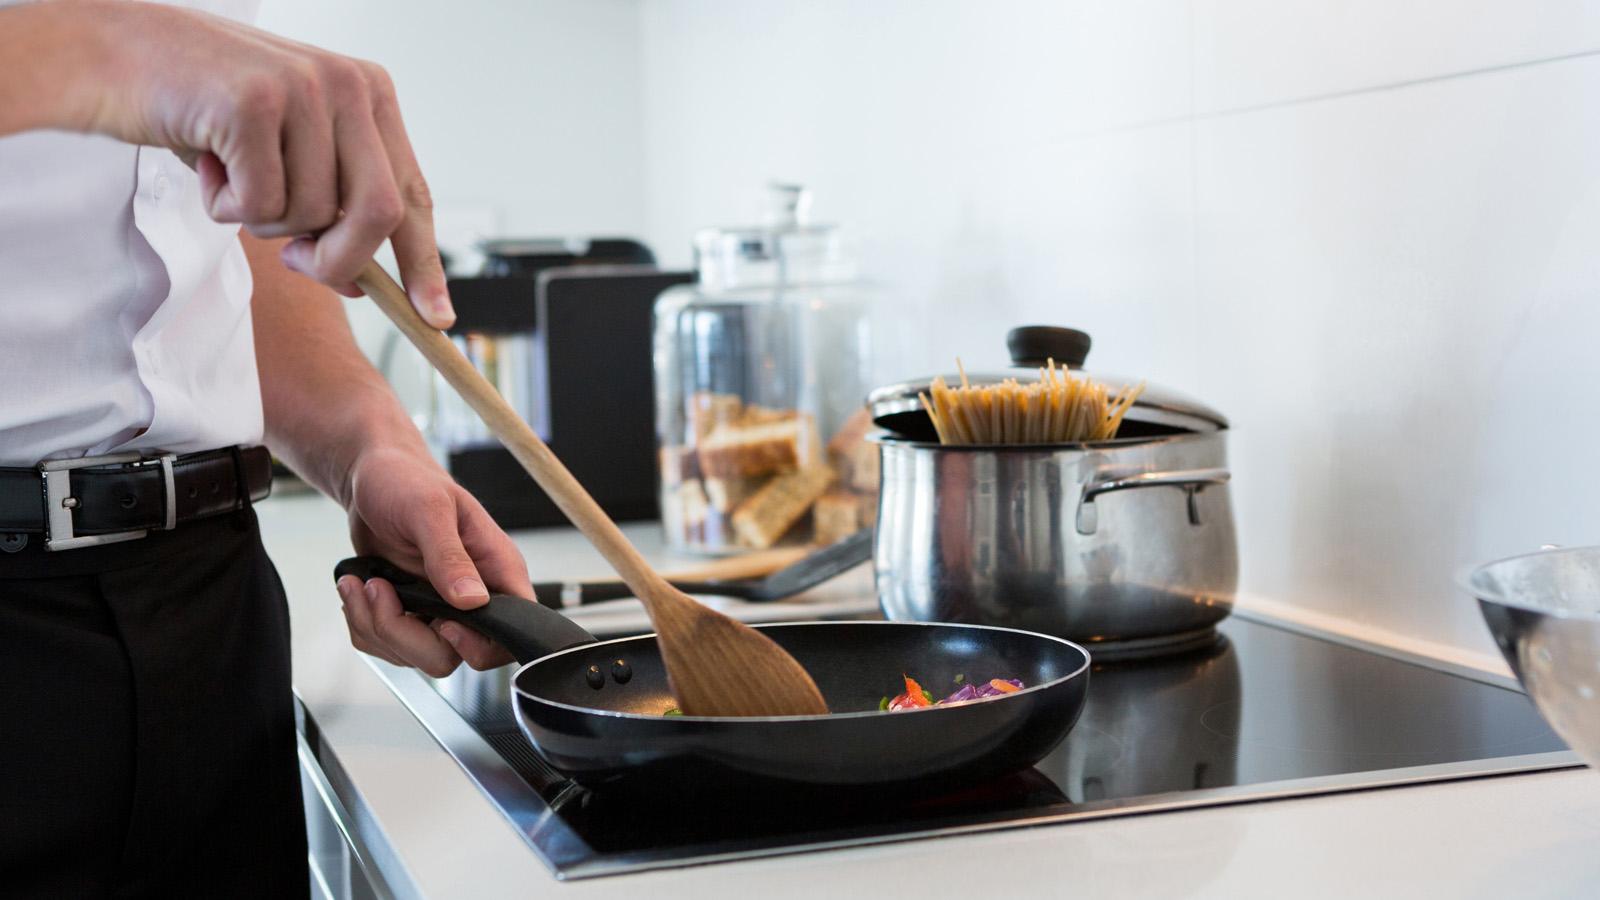 Piano Cottura Induzione O Gas come scegliere il piano cottura giusto | altroconsumo